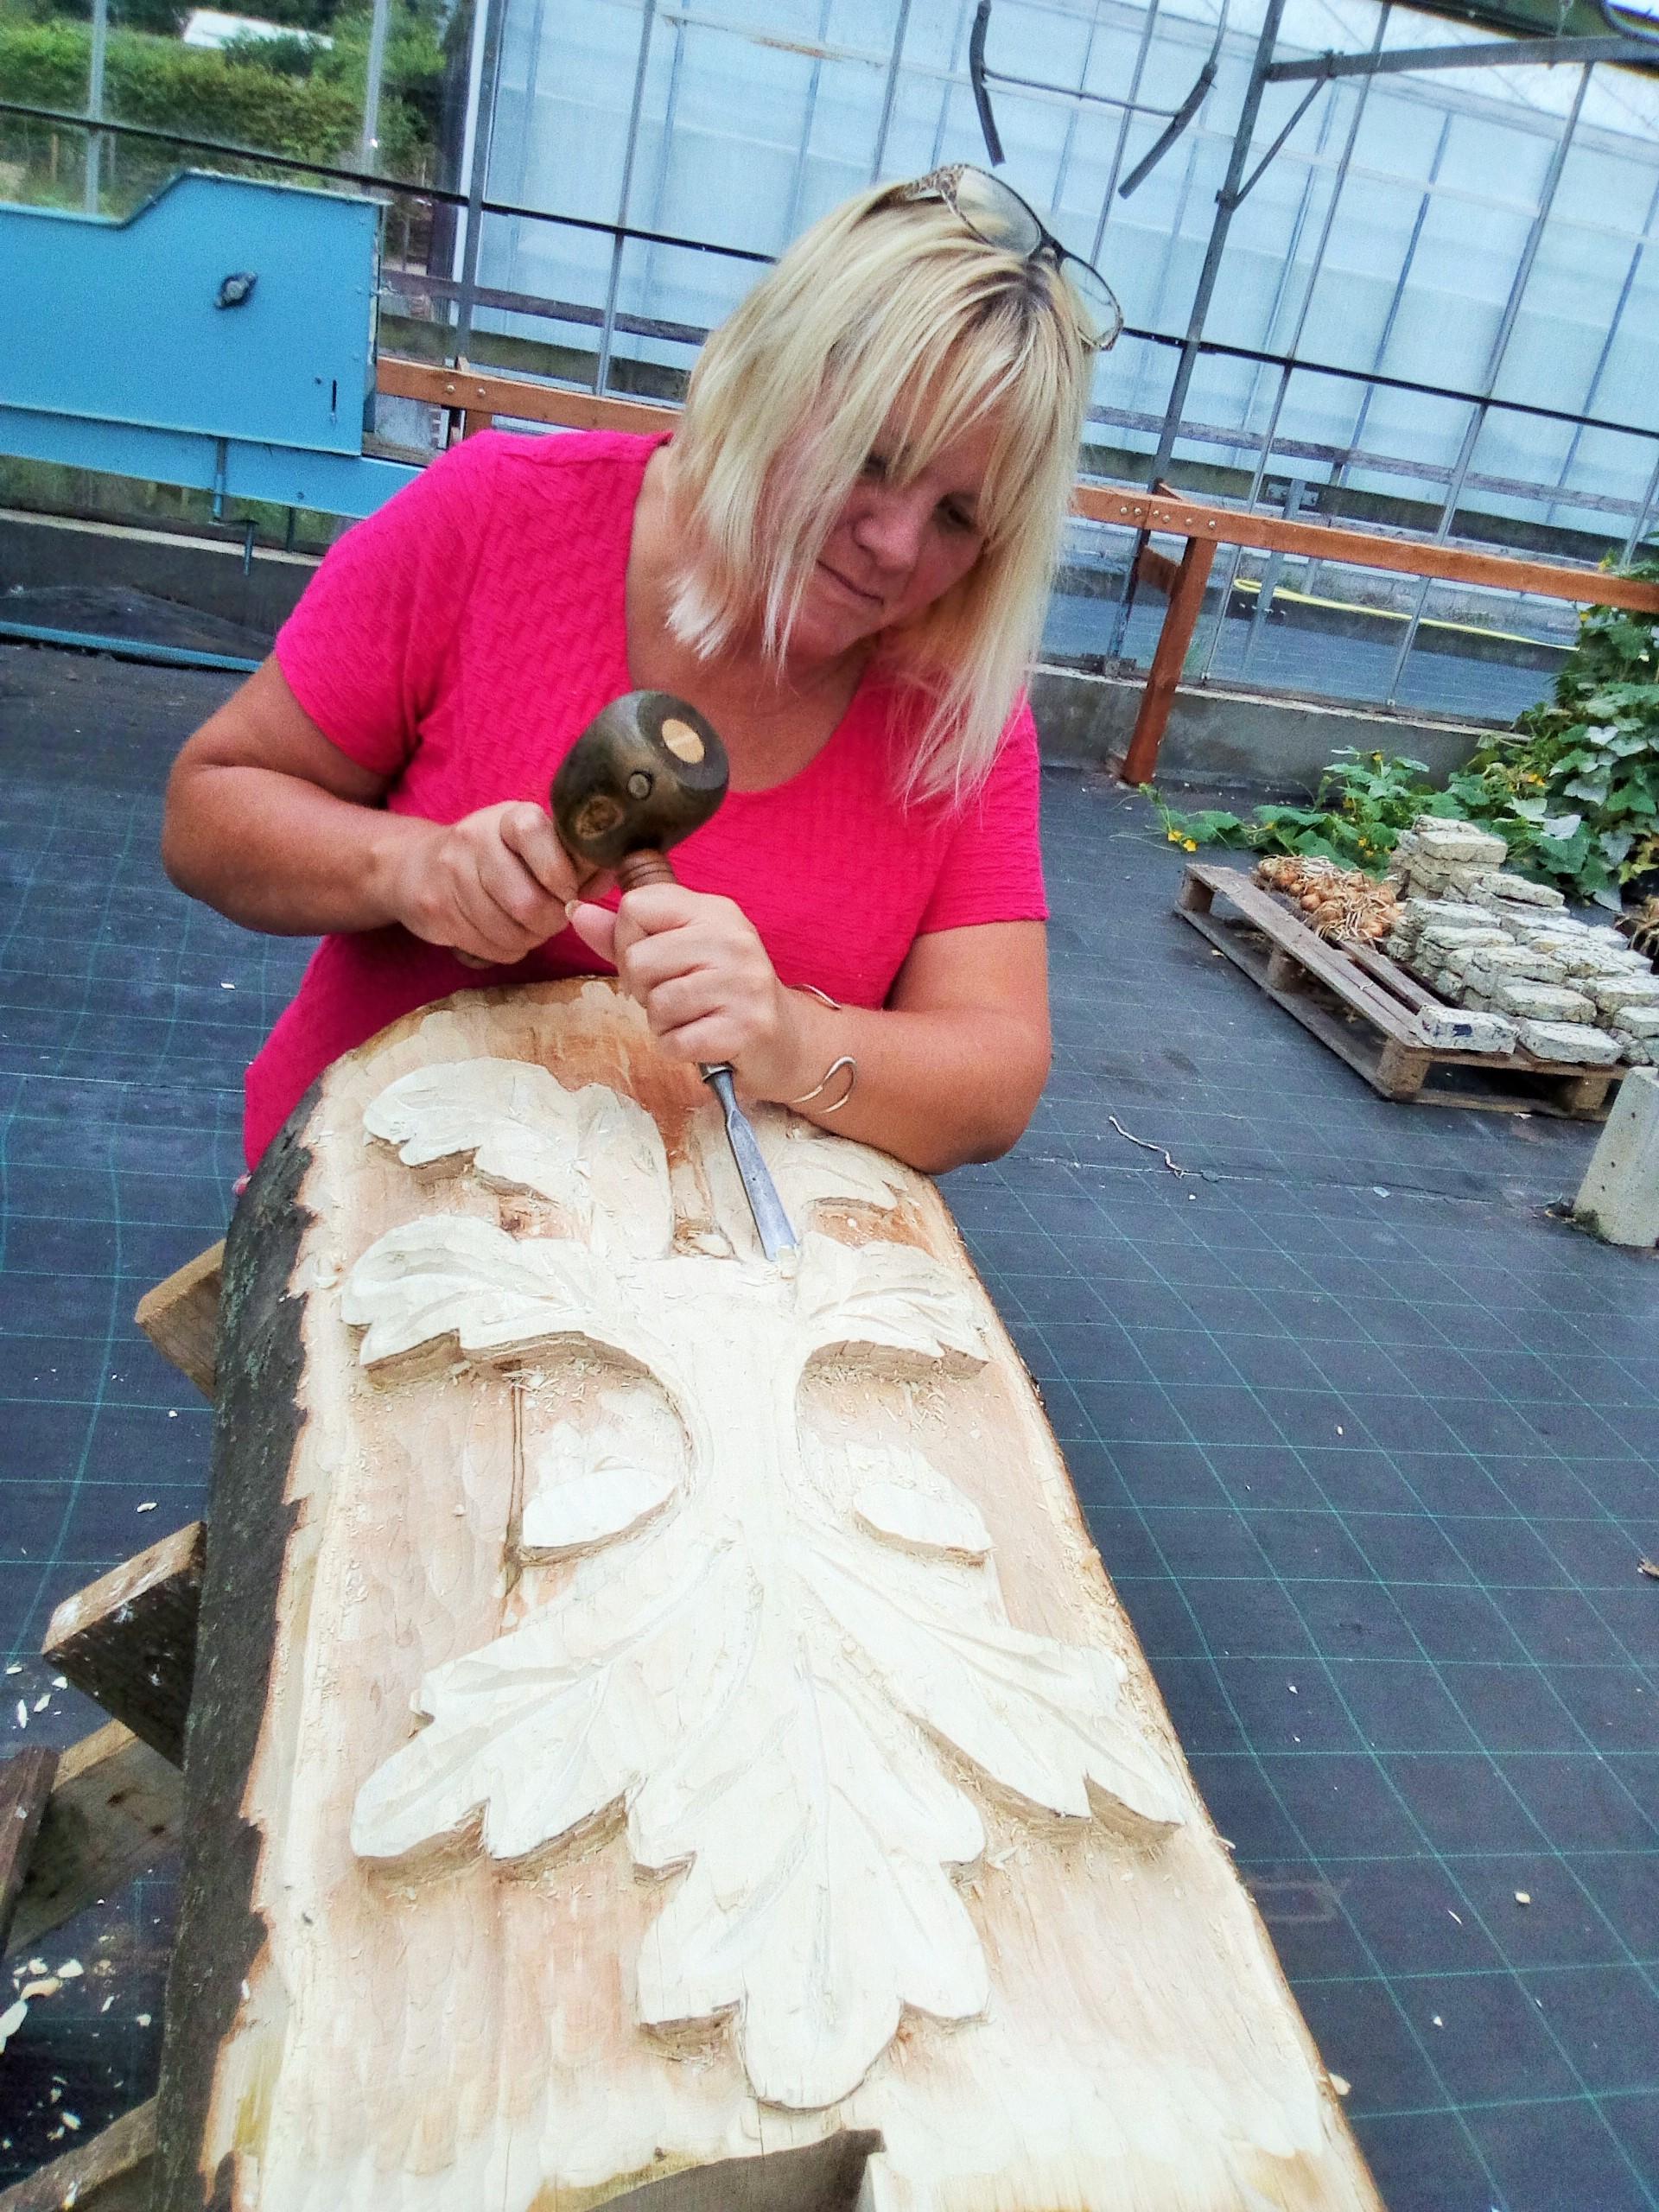 Mires beck carving course u allen stichler u wood carving